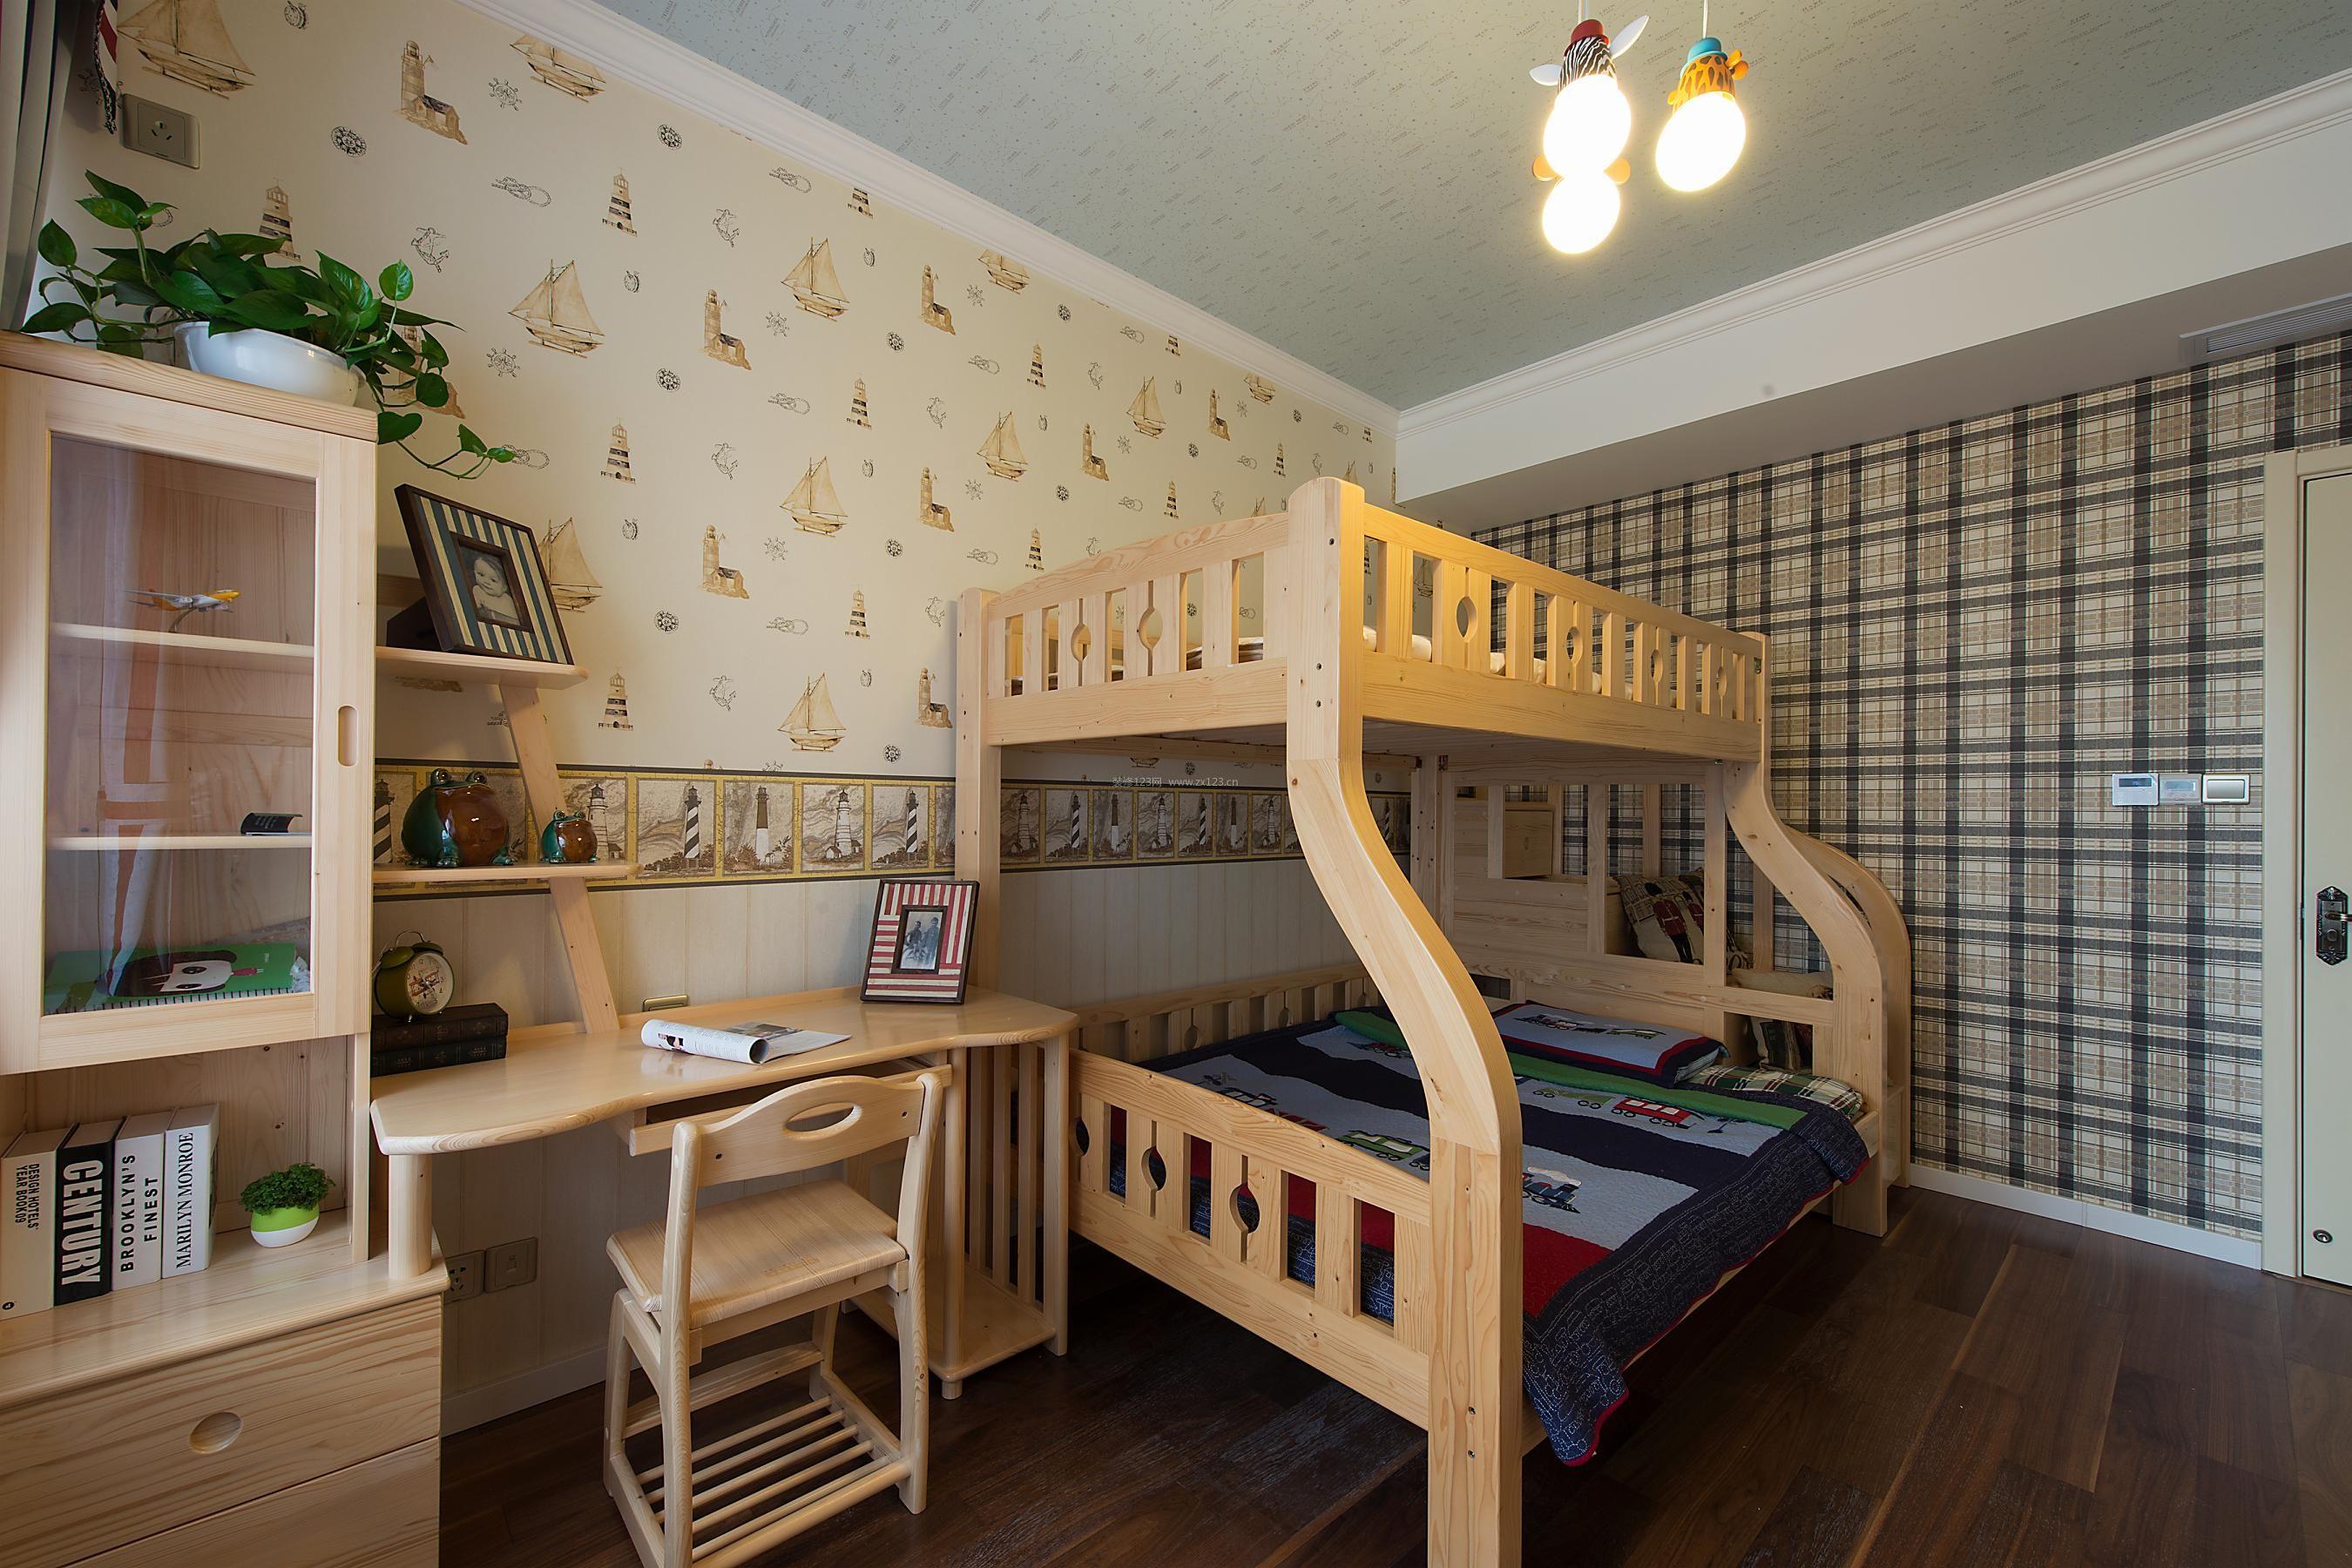 美式乡村风格家装儿童房高低床装修效果图图片